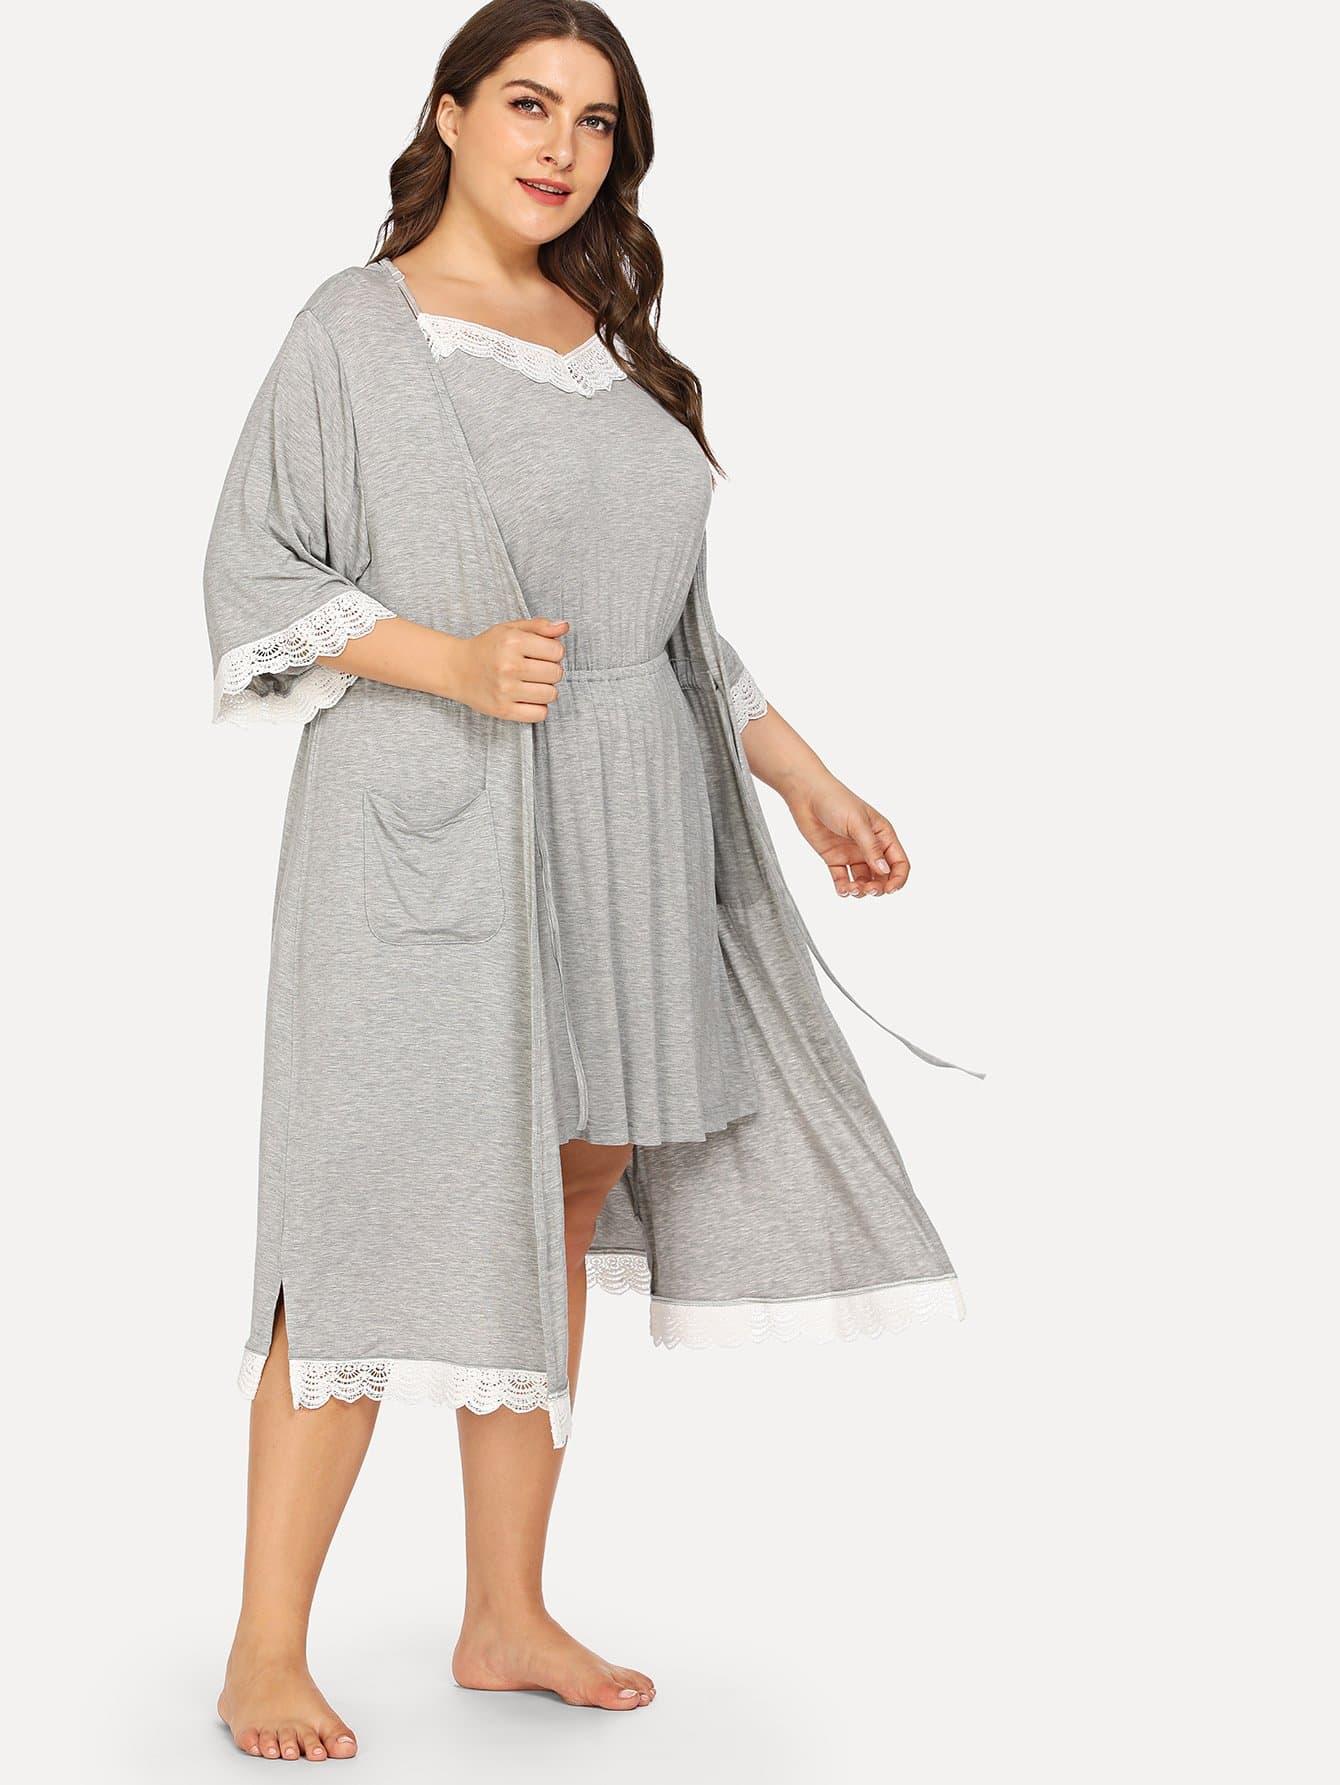 Большая ситцевая кружевная ночная сорочка и домашний халат, Franziska, SheIn  - купить со скидкой